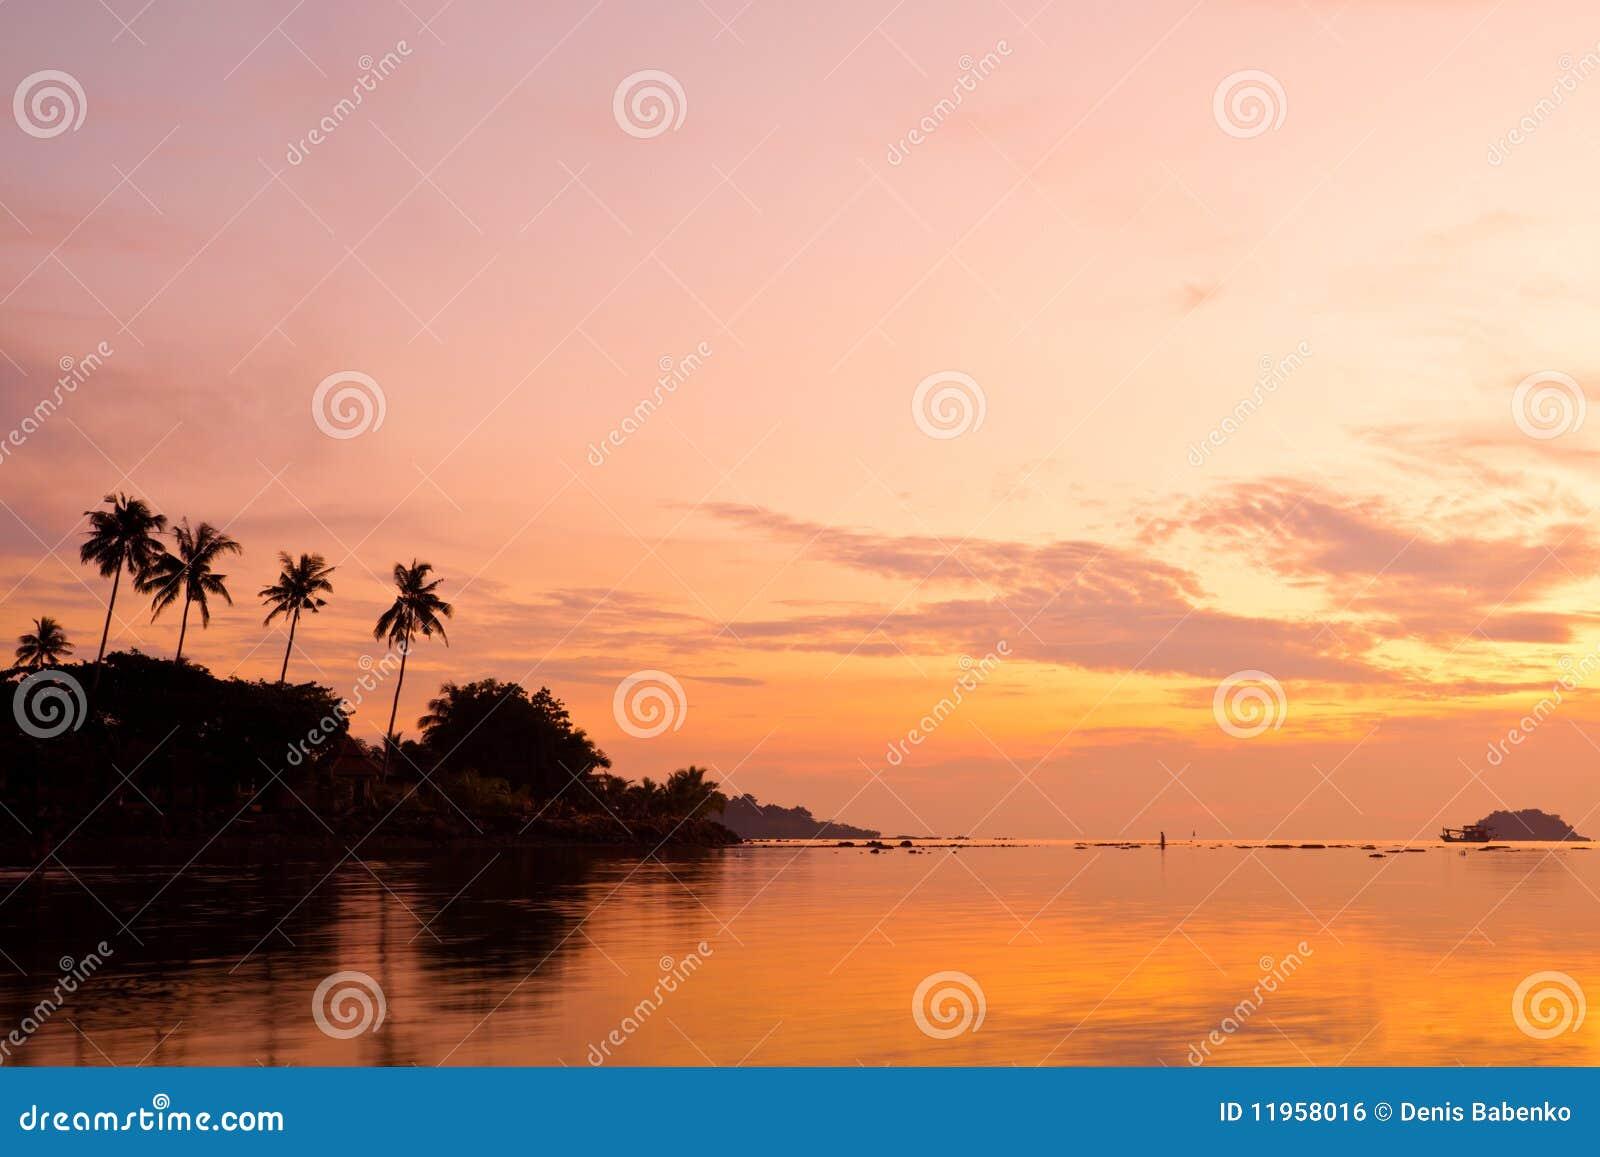 Palmas de coco en la playa de la arena en trópico en puesta del sol